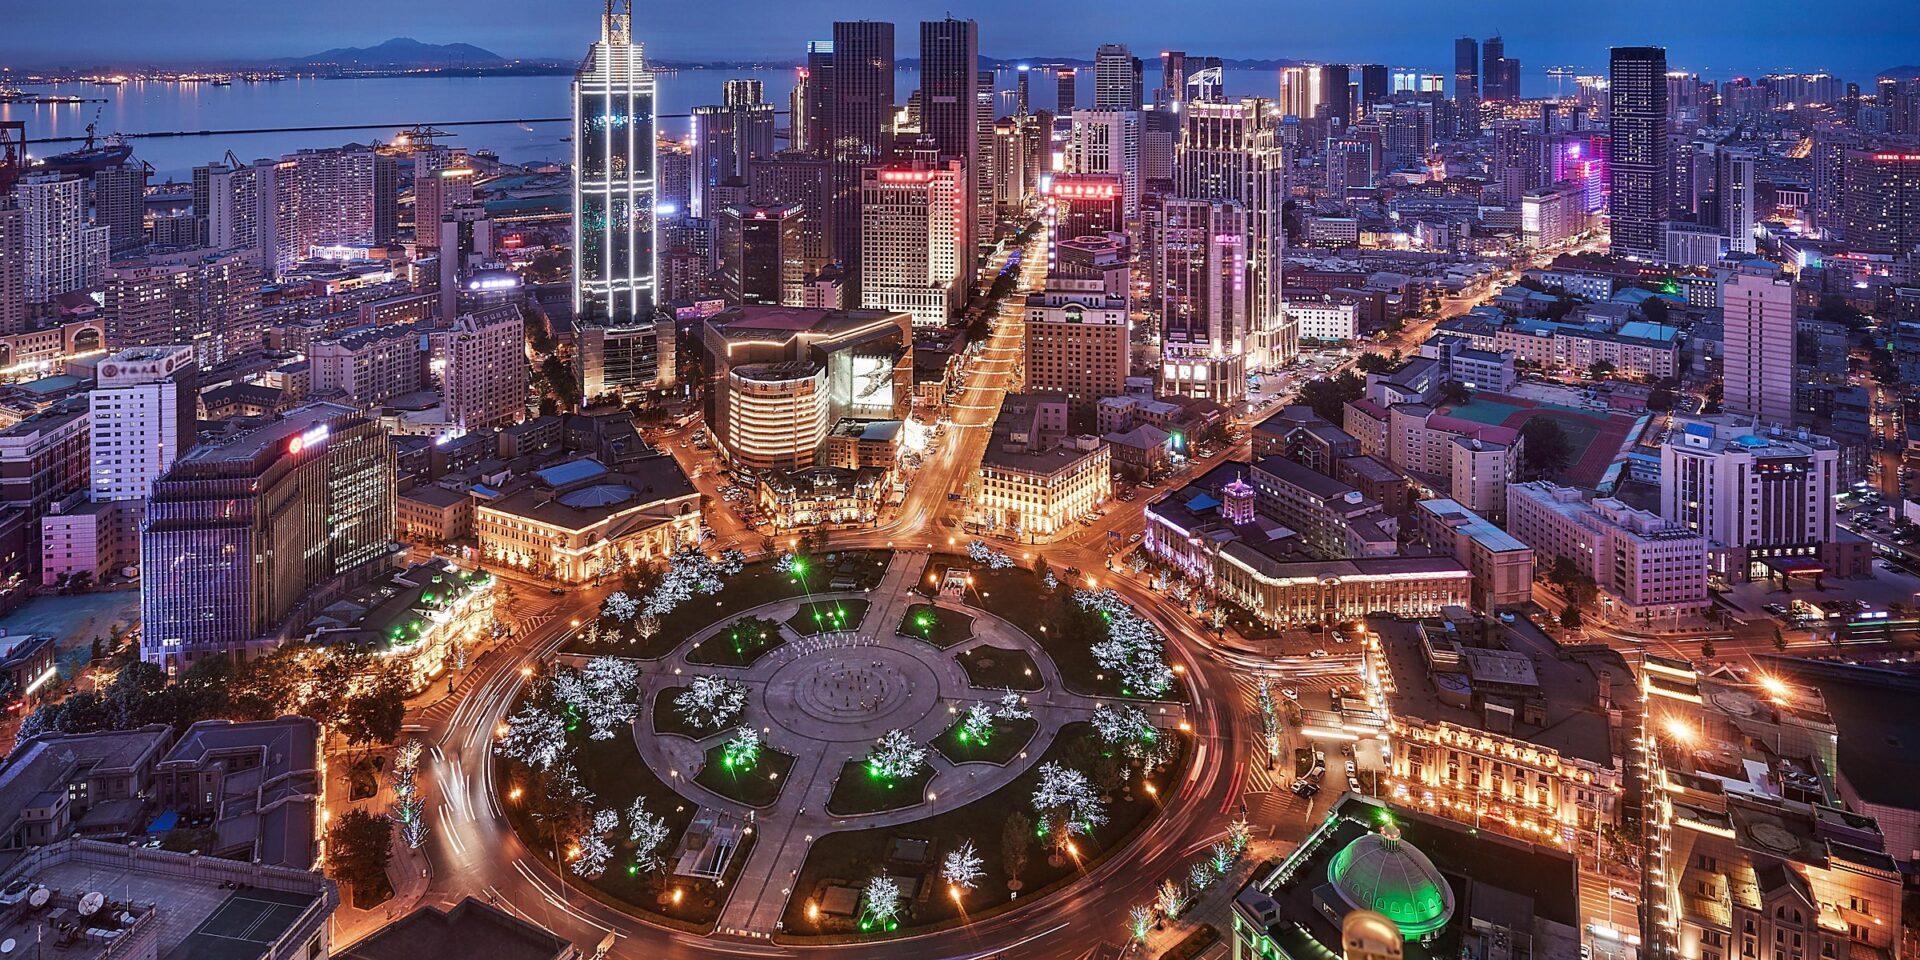 Dalian, a cidade portuária da Península de Liaodong, no extremo sul da província de Liaoning, na China.